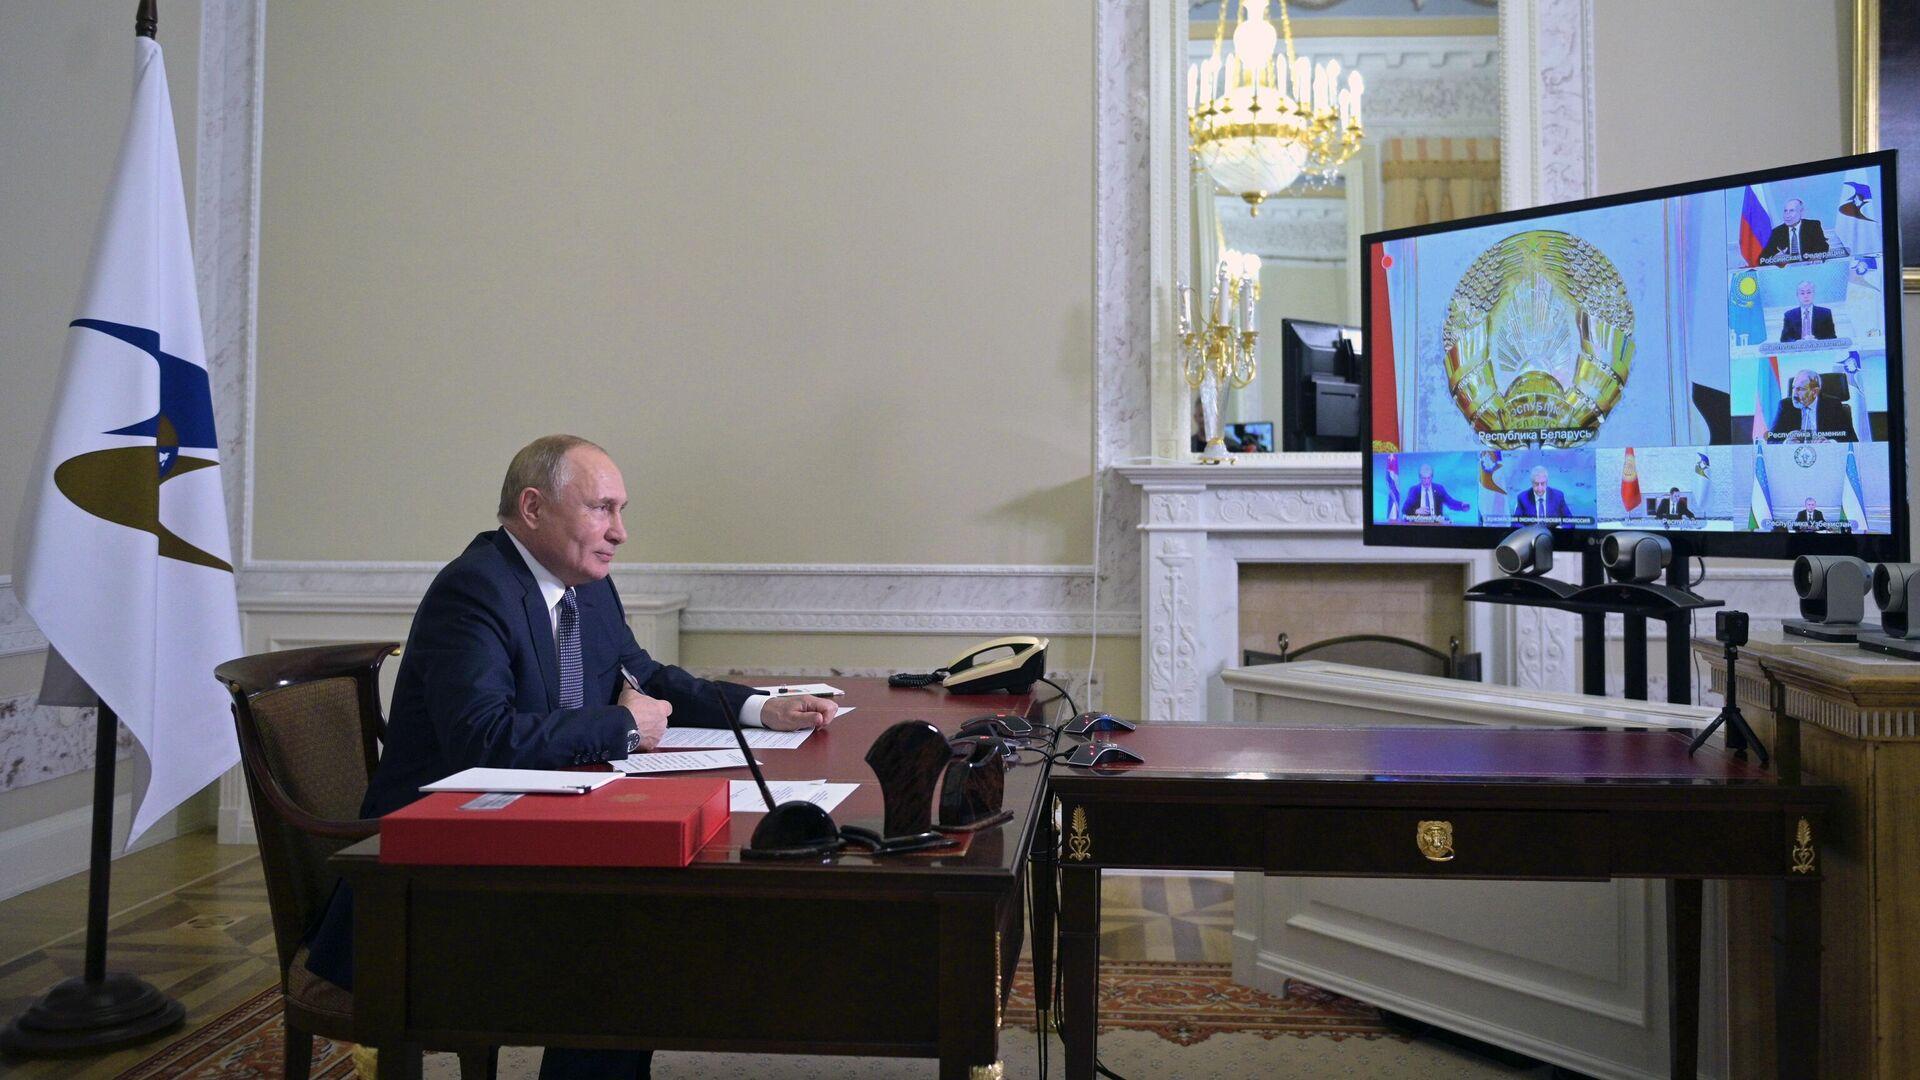 Президент РФ Владимир Путин принимает участие в заседании Высшего Евразийского экономического совета  - РИА Новости, 1920, 14.10.2021